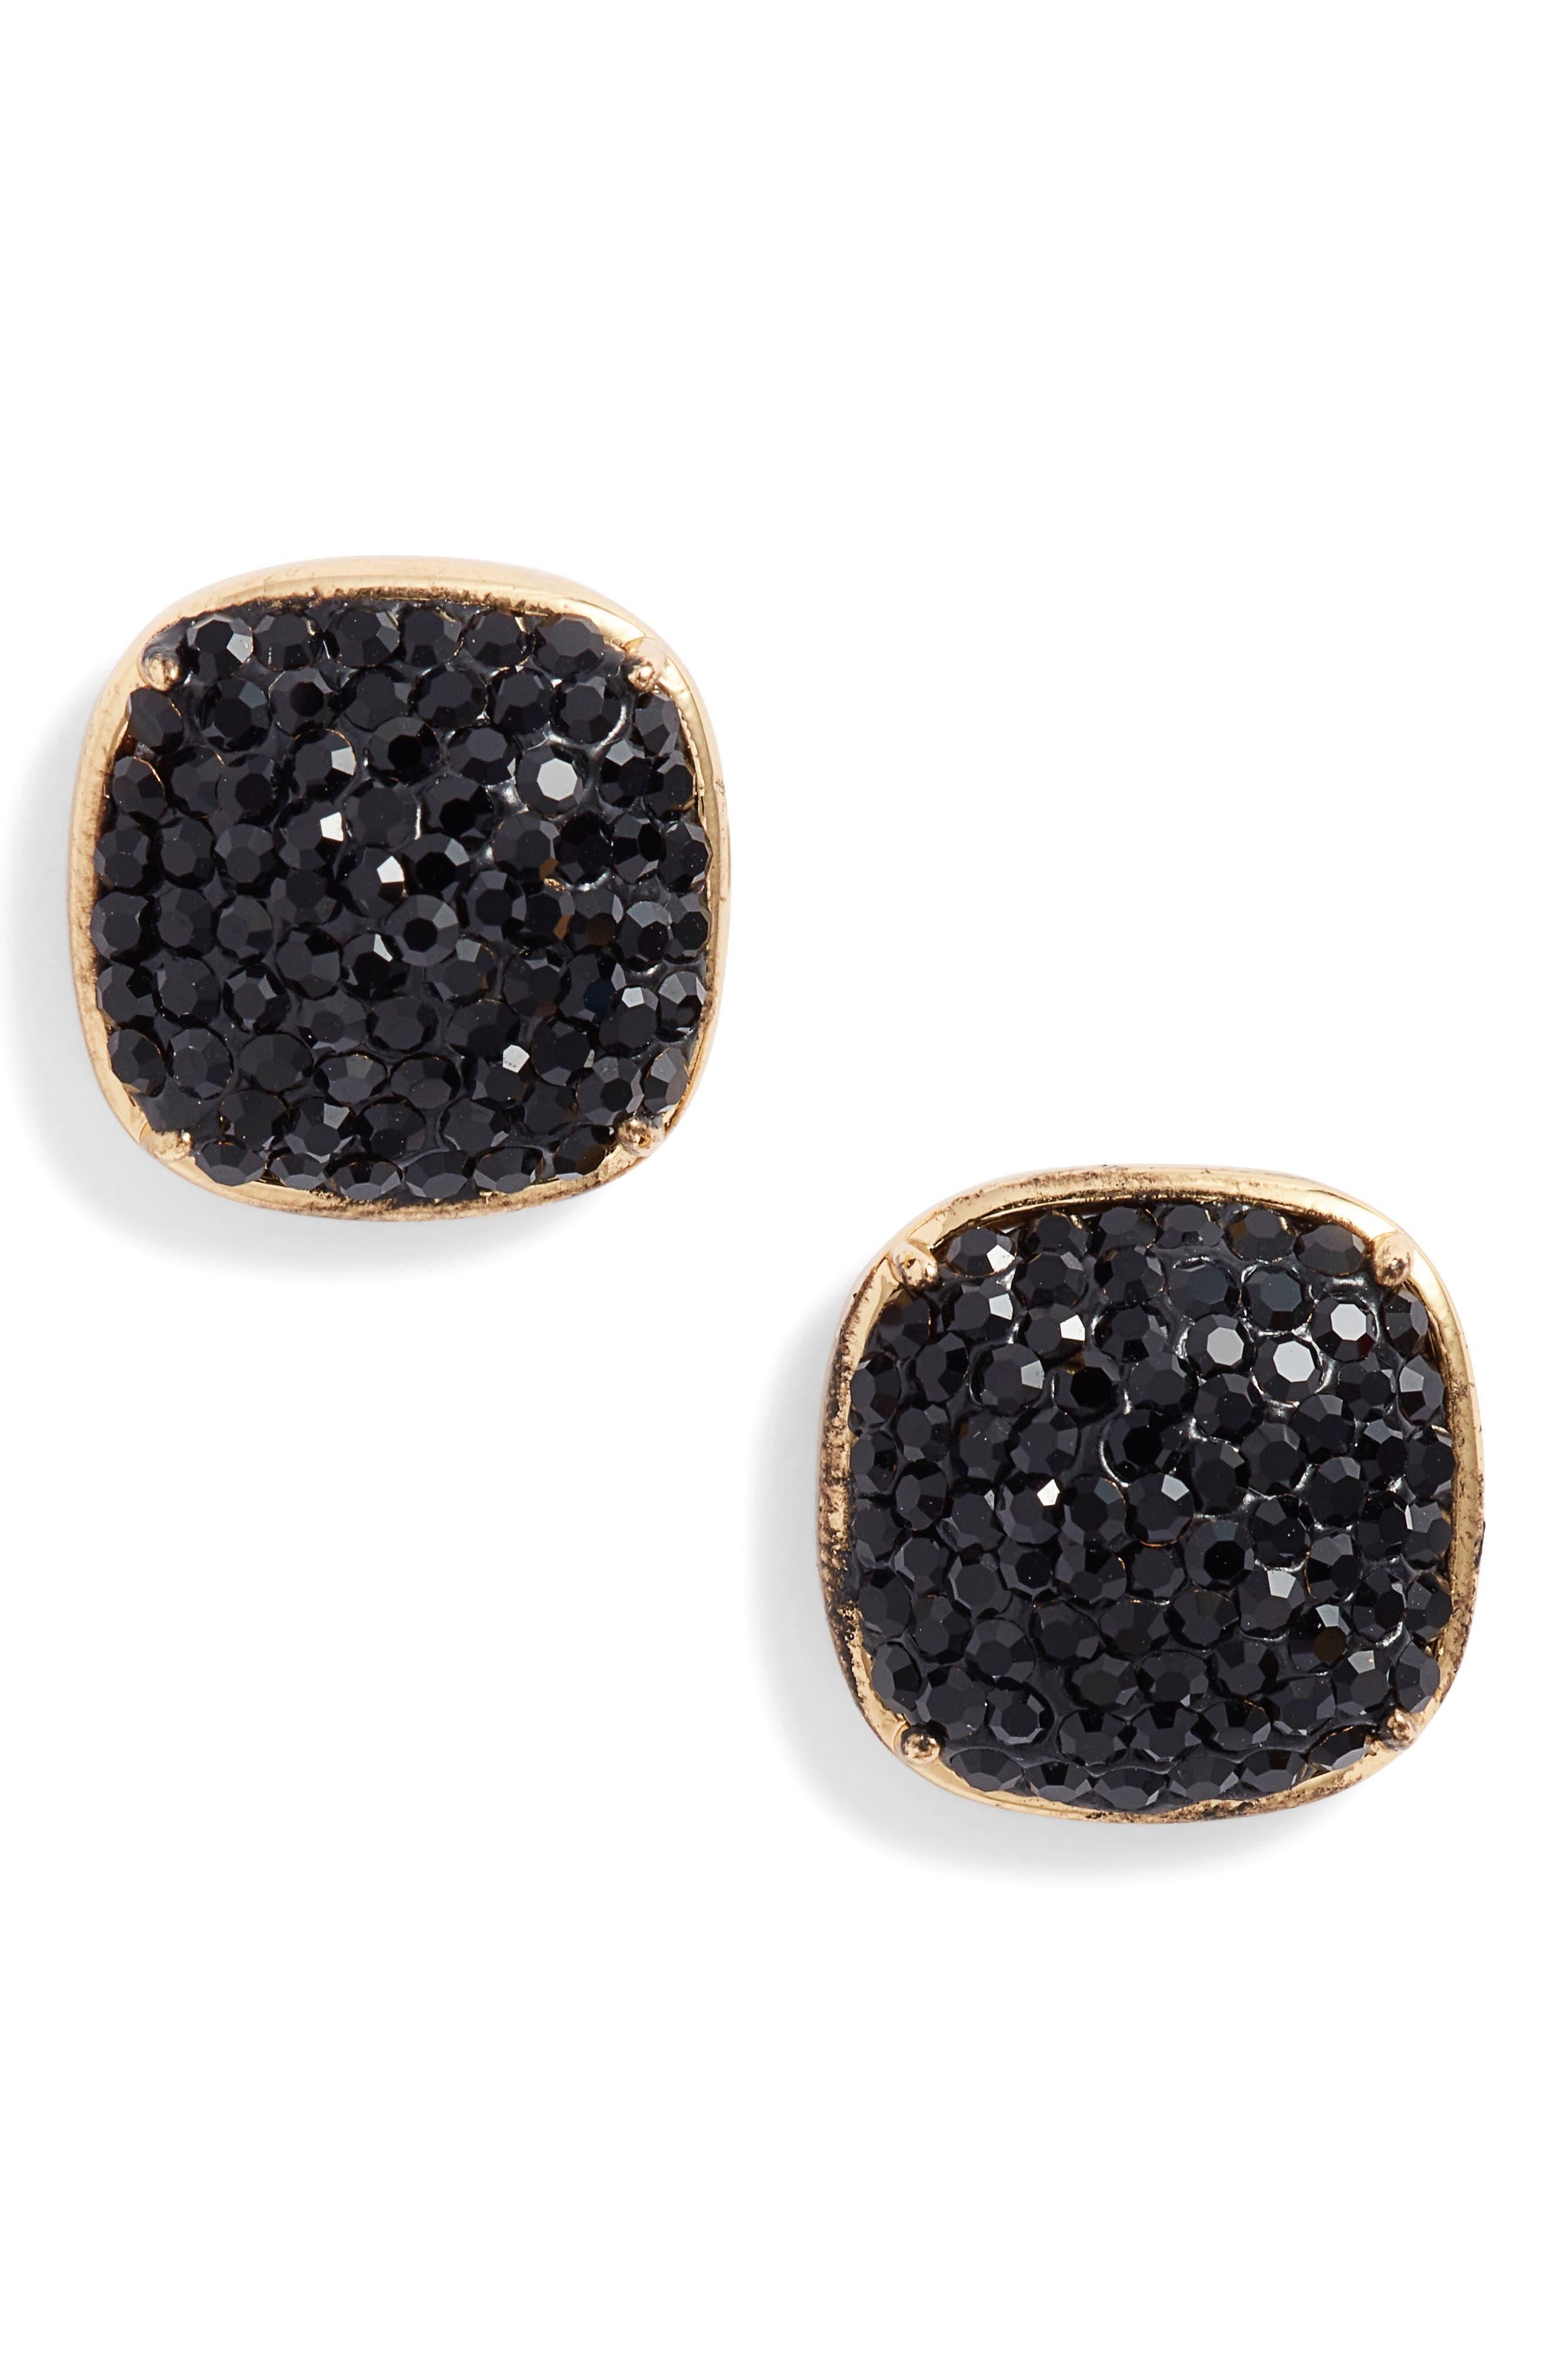 KATE SPADE NEW YORK, pavé small square stud earrings, Main thumbnail 1, color, 001